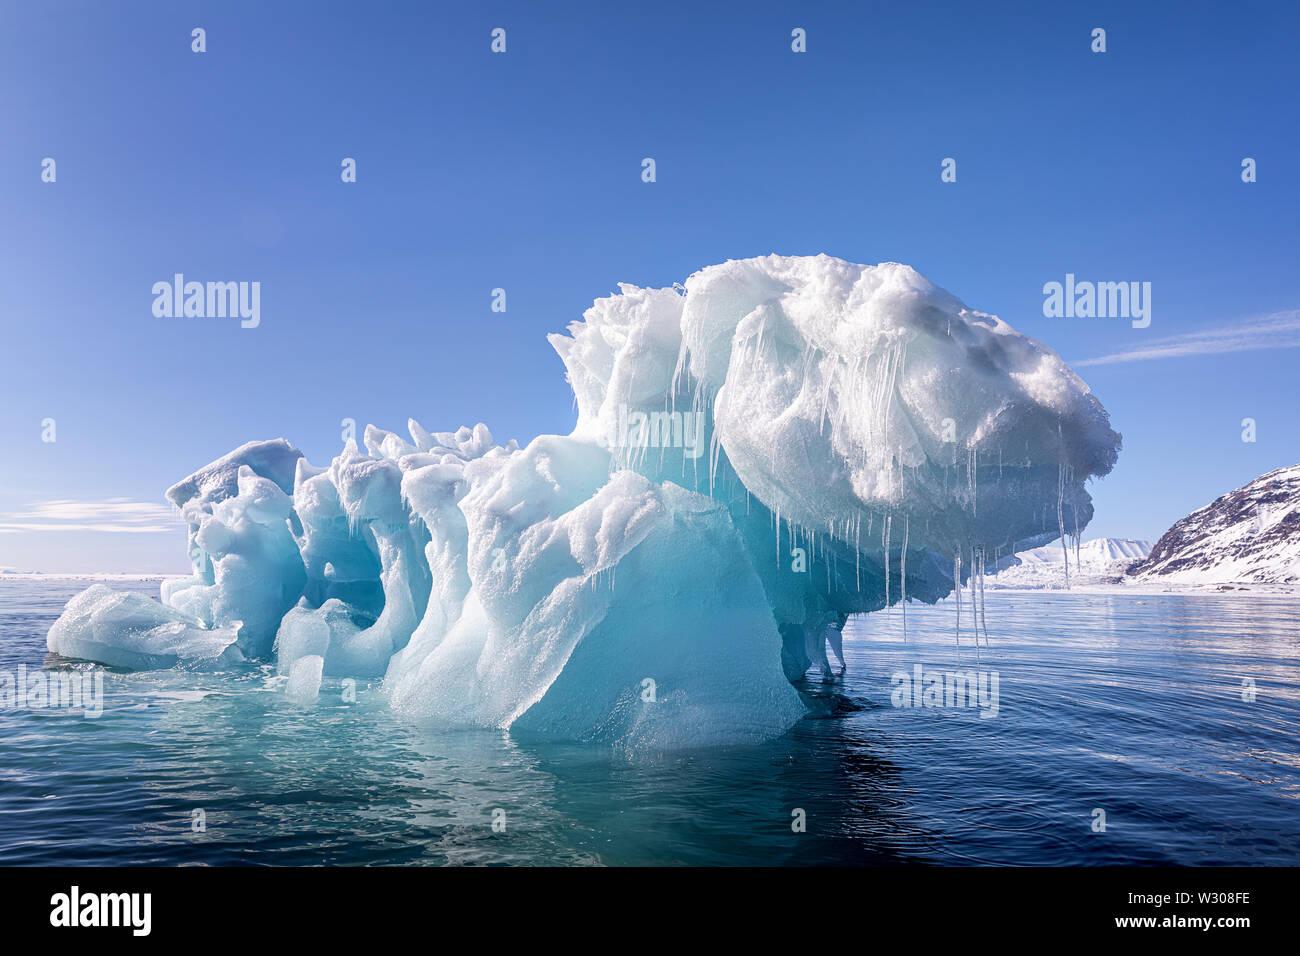 Blue Ice iceberg, formé quand un glacier veaux, flottant dans les eaux de l'arctique de Svalbard, un archipel norvégien entre la partie continentale de la Norvège et de la Ni Banque D'Images